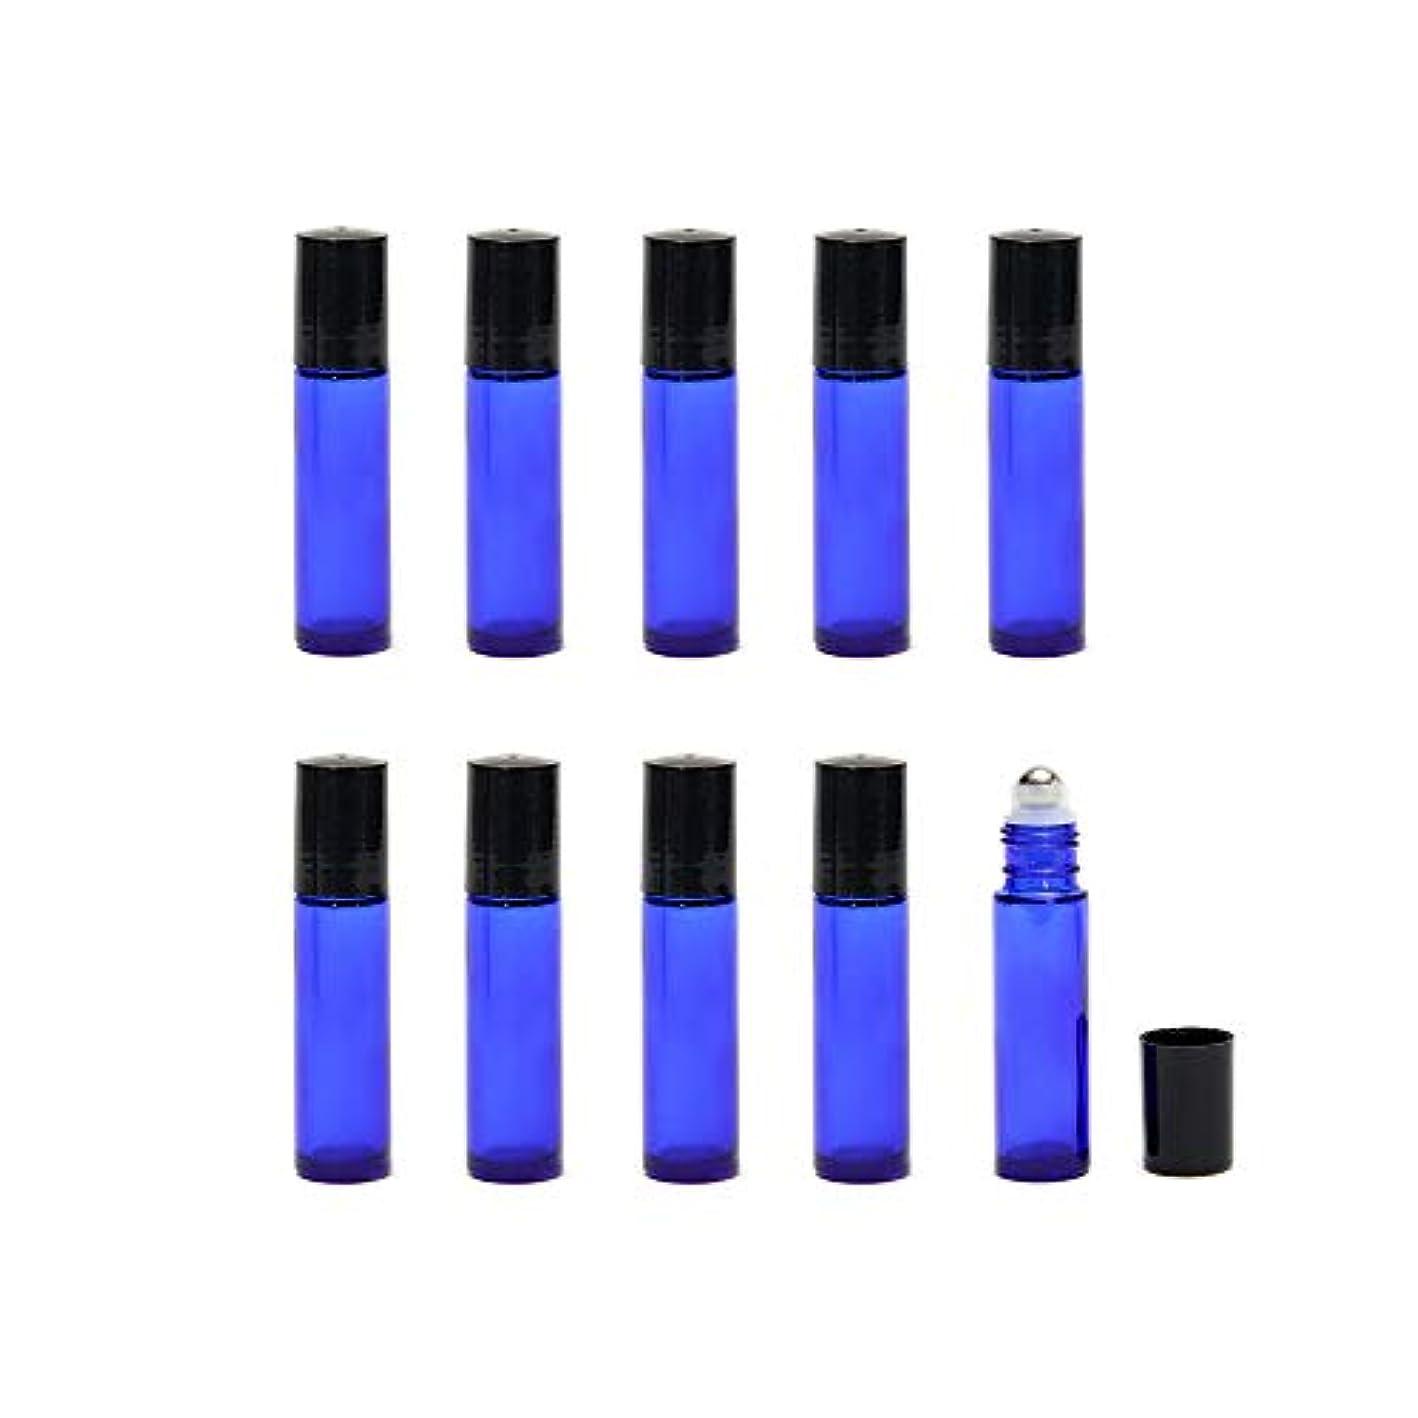 嵐褐色誤解する10ml 遮光瓶 ロールオンボトル アロマオイル ガラスロール 詰め替え 容器 エッセンシャルオイル ビン ブルー (24本セット+スポイト3ml×4)